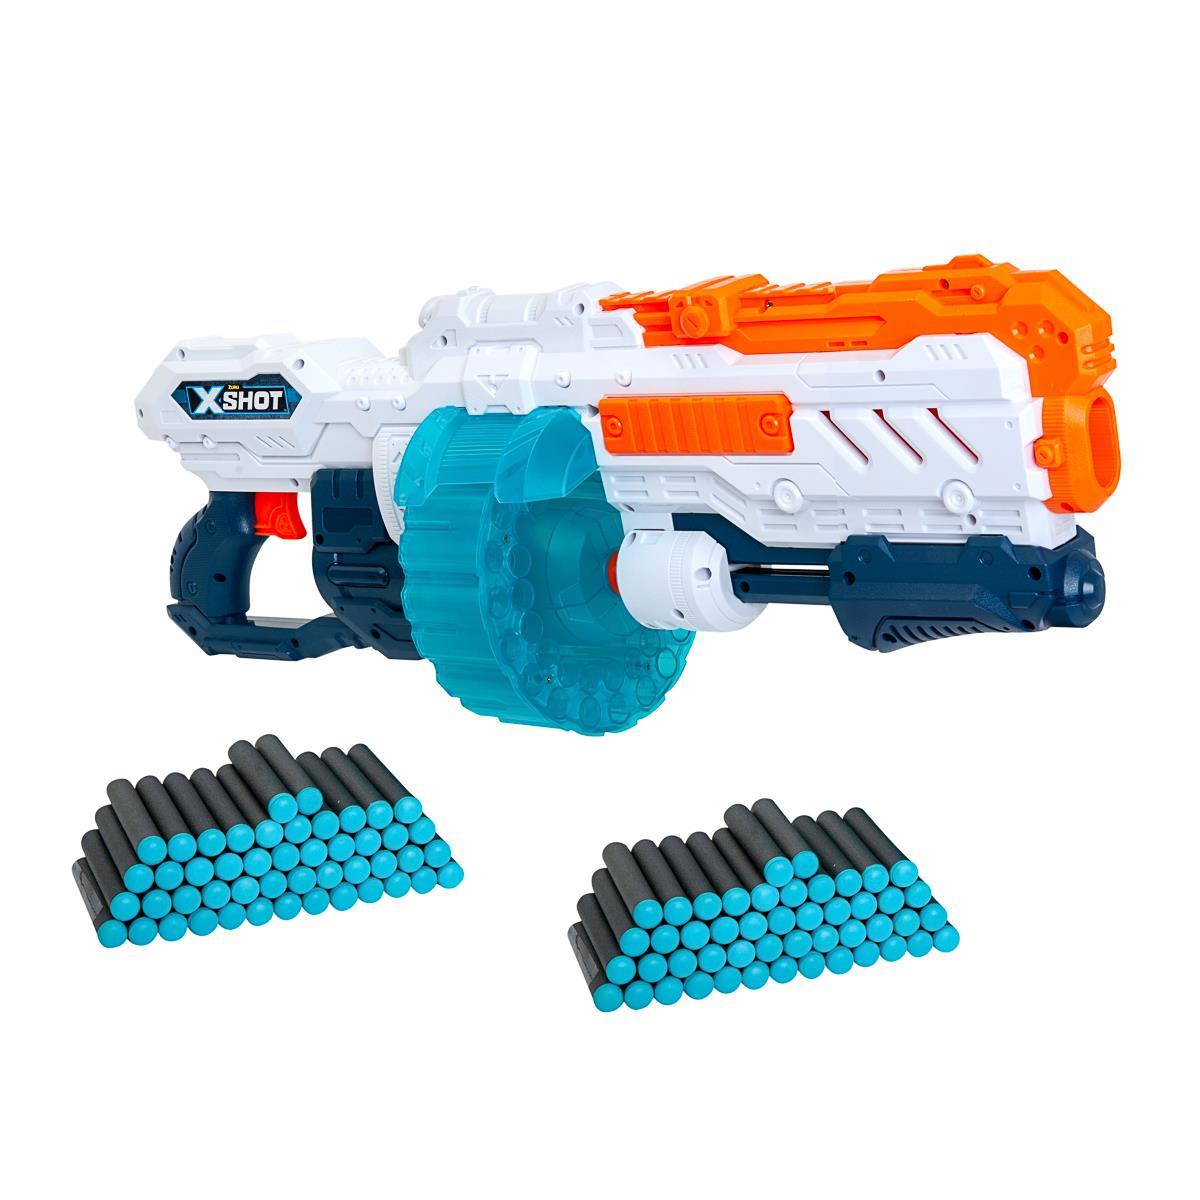 X-Shot, Turbo advance XL 100